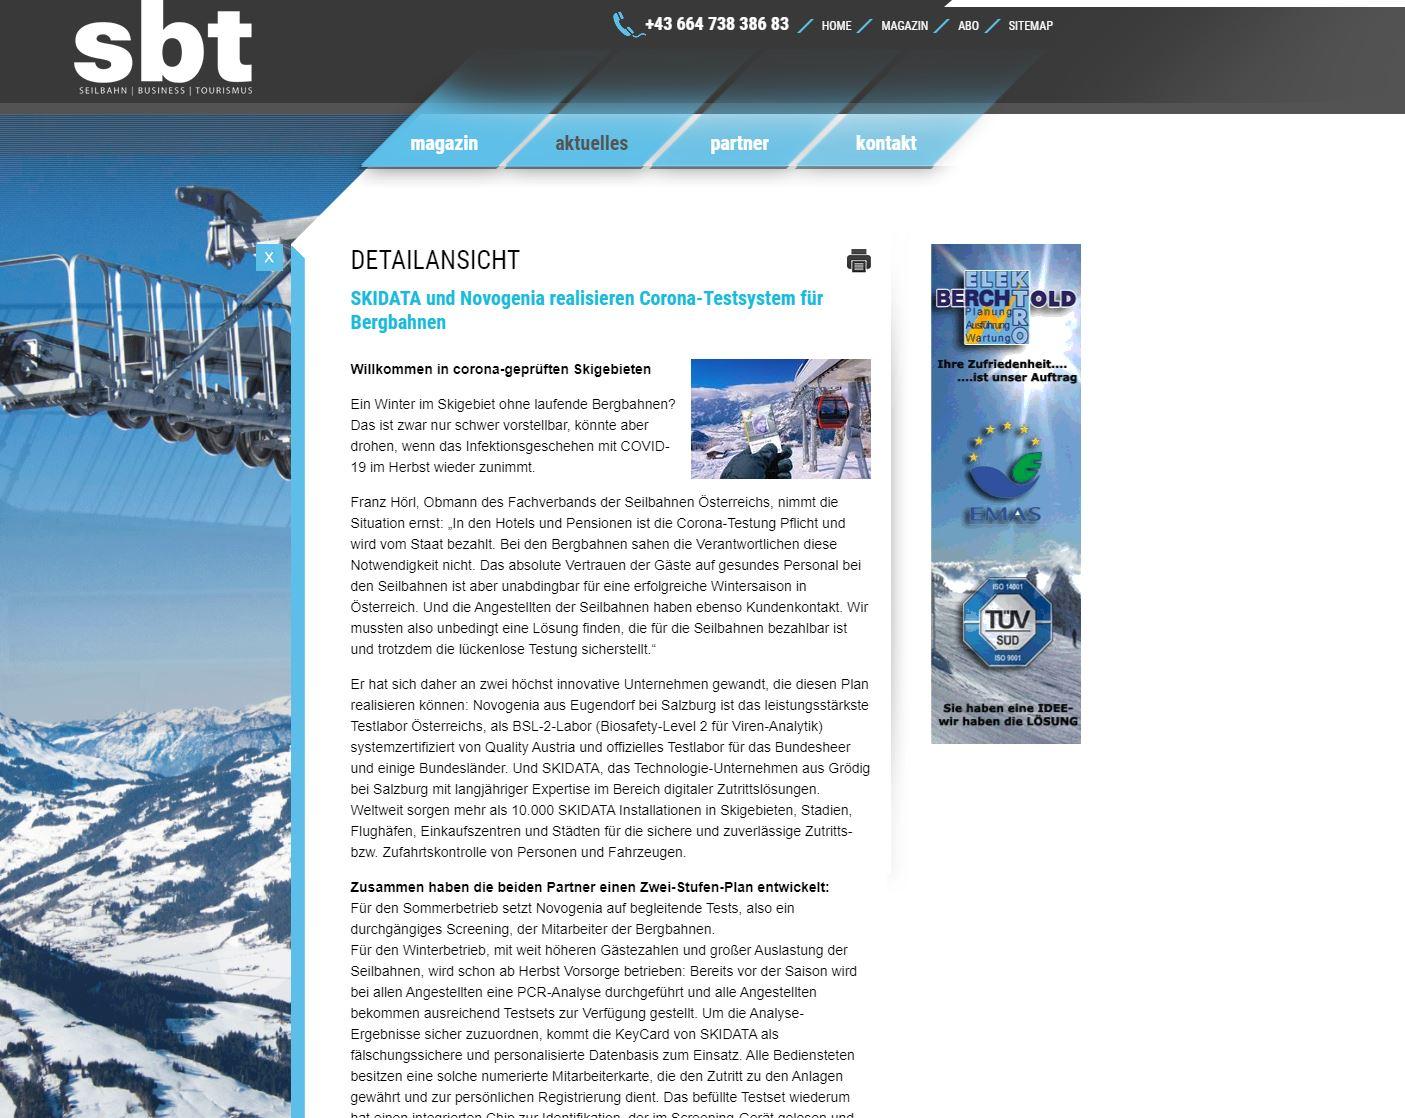 SKIDATA und Novogenia realisieren Corona-Testsystem für Bergbahnen